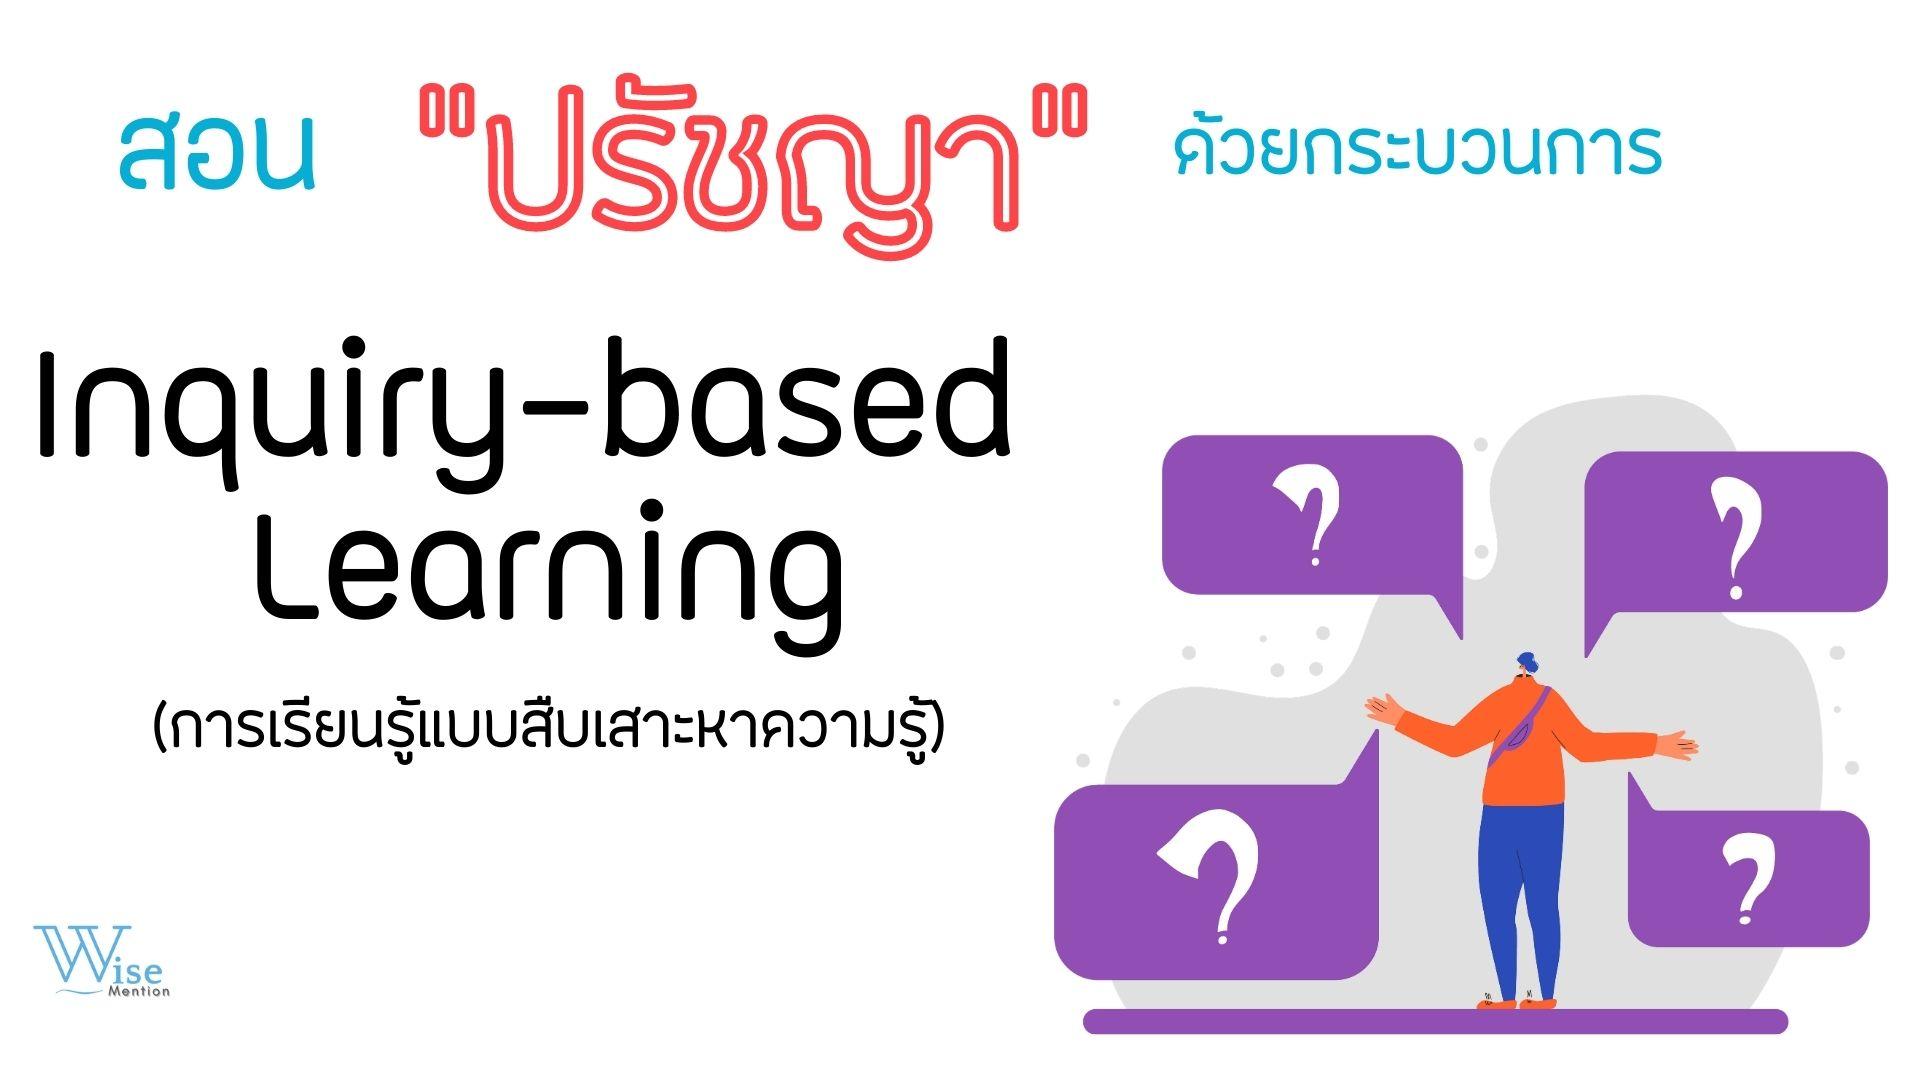 การสอนปรัชญาโดยจัดการเรียนรู้แบบInquiry-based learning